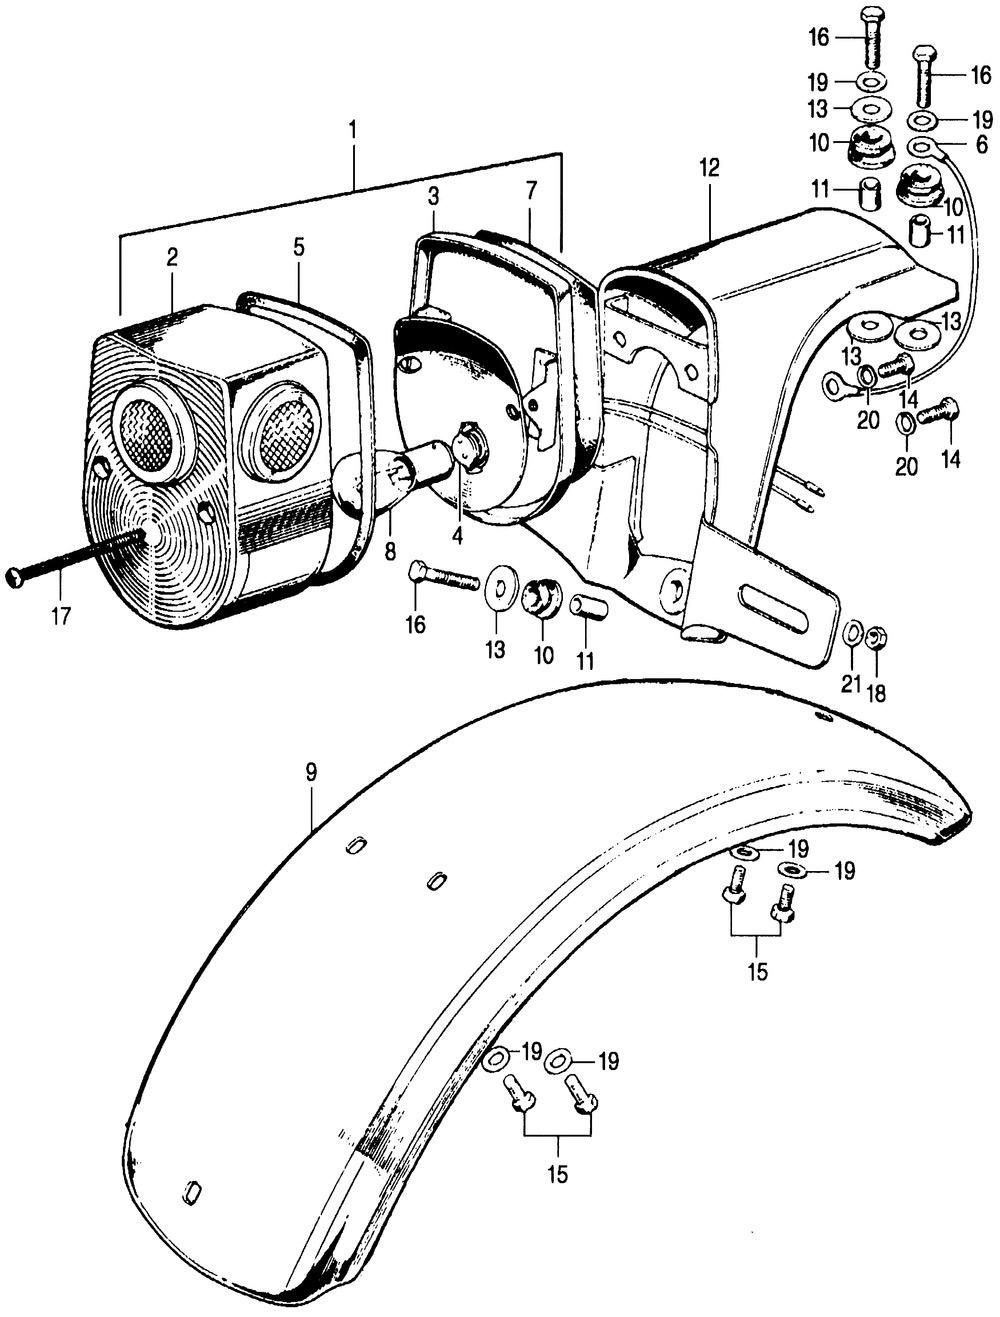 Taillight, Rear Fender